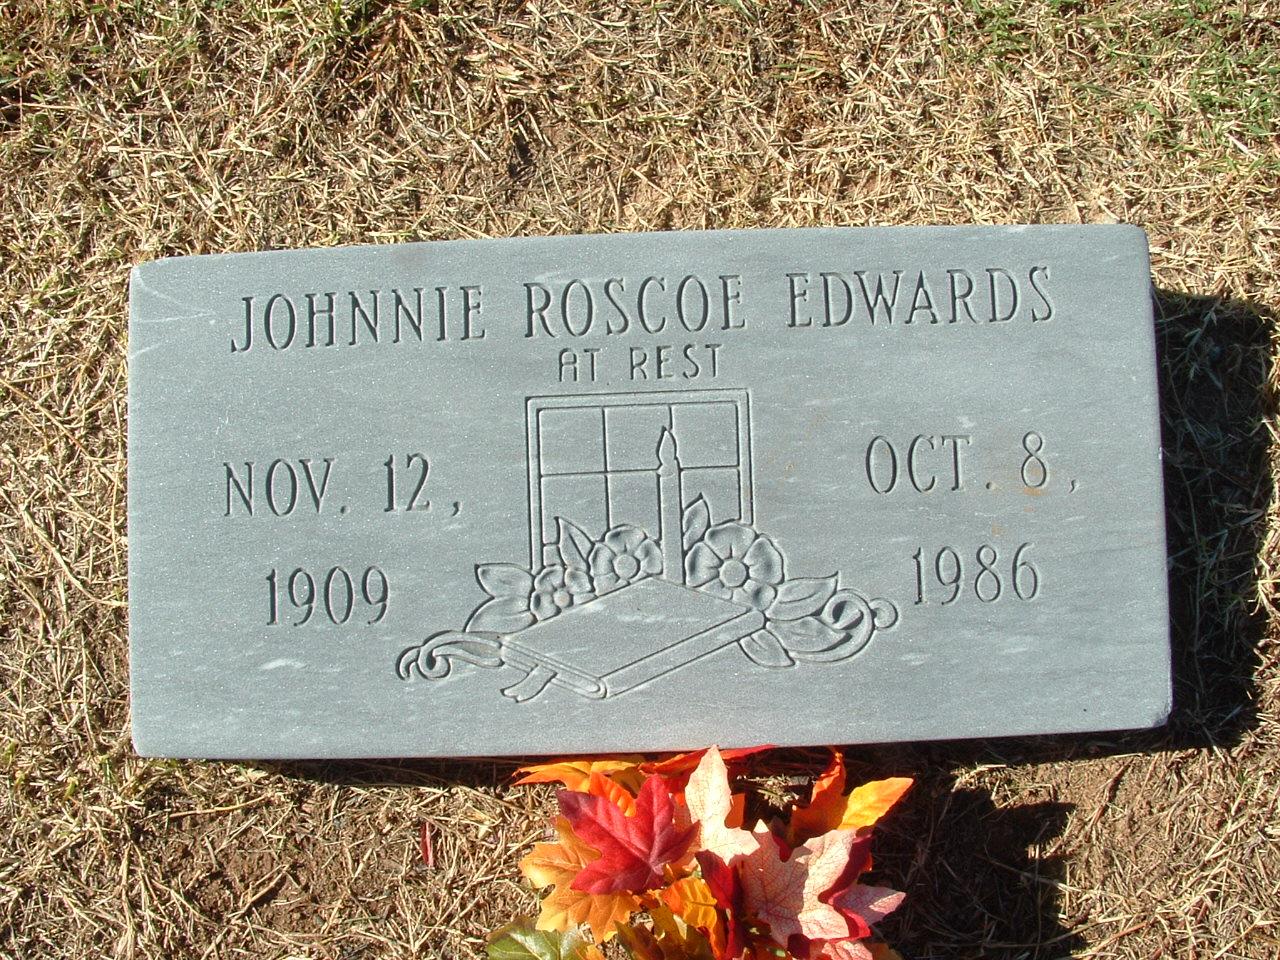 Johnny Roscoe Edwards